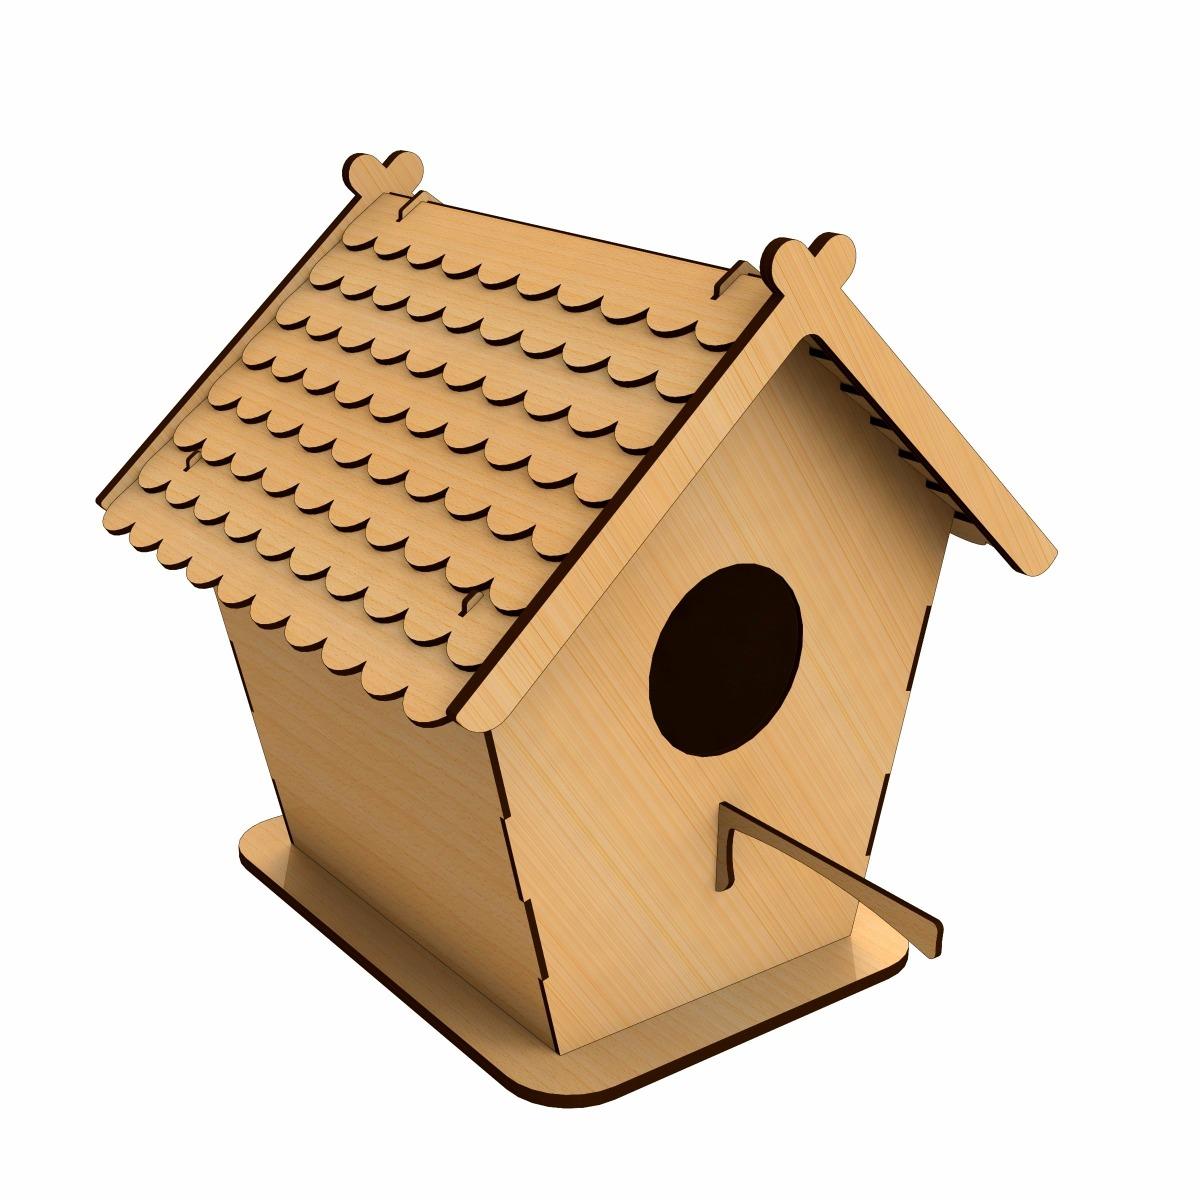 Casa Pássaro Em Mdf Cortado A Laser Periquito Calopsita Mdf R$ 68  #220E06 1200x1200